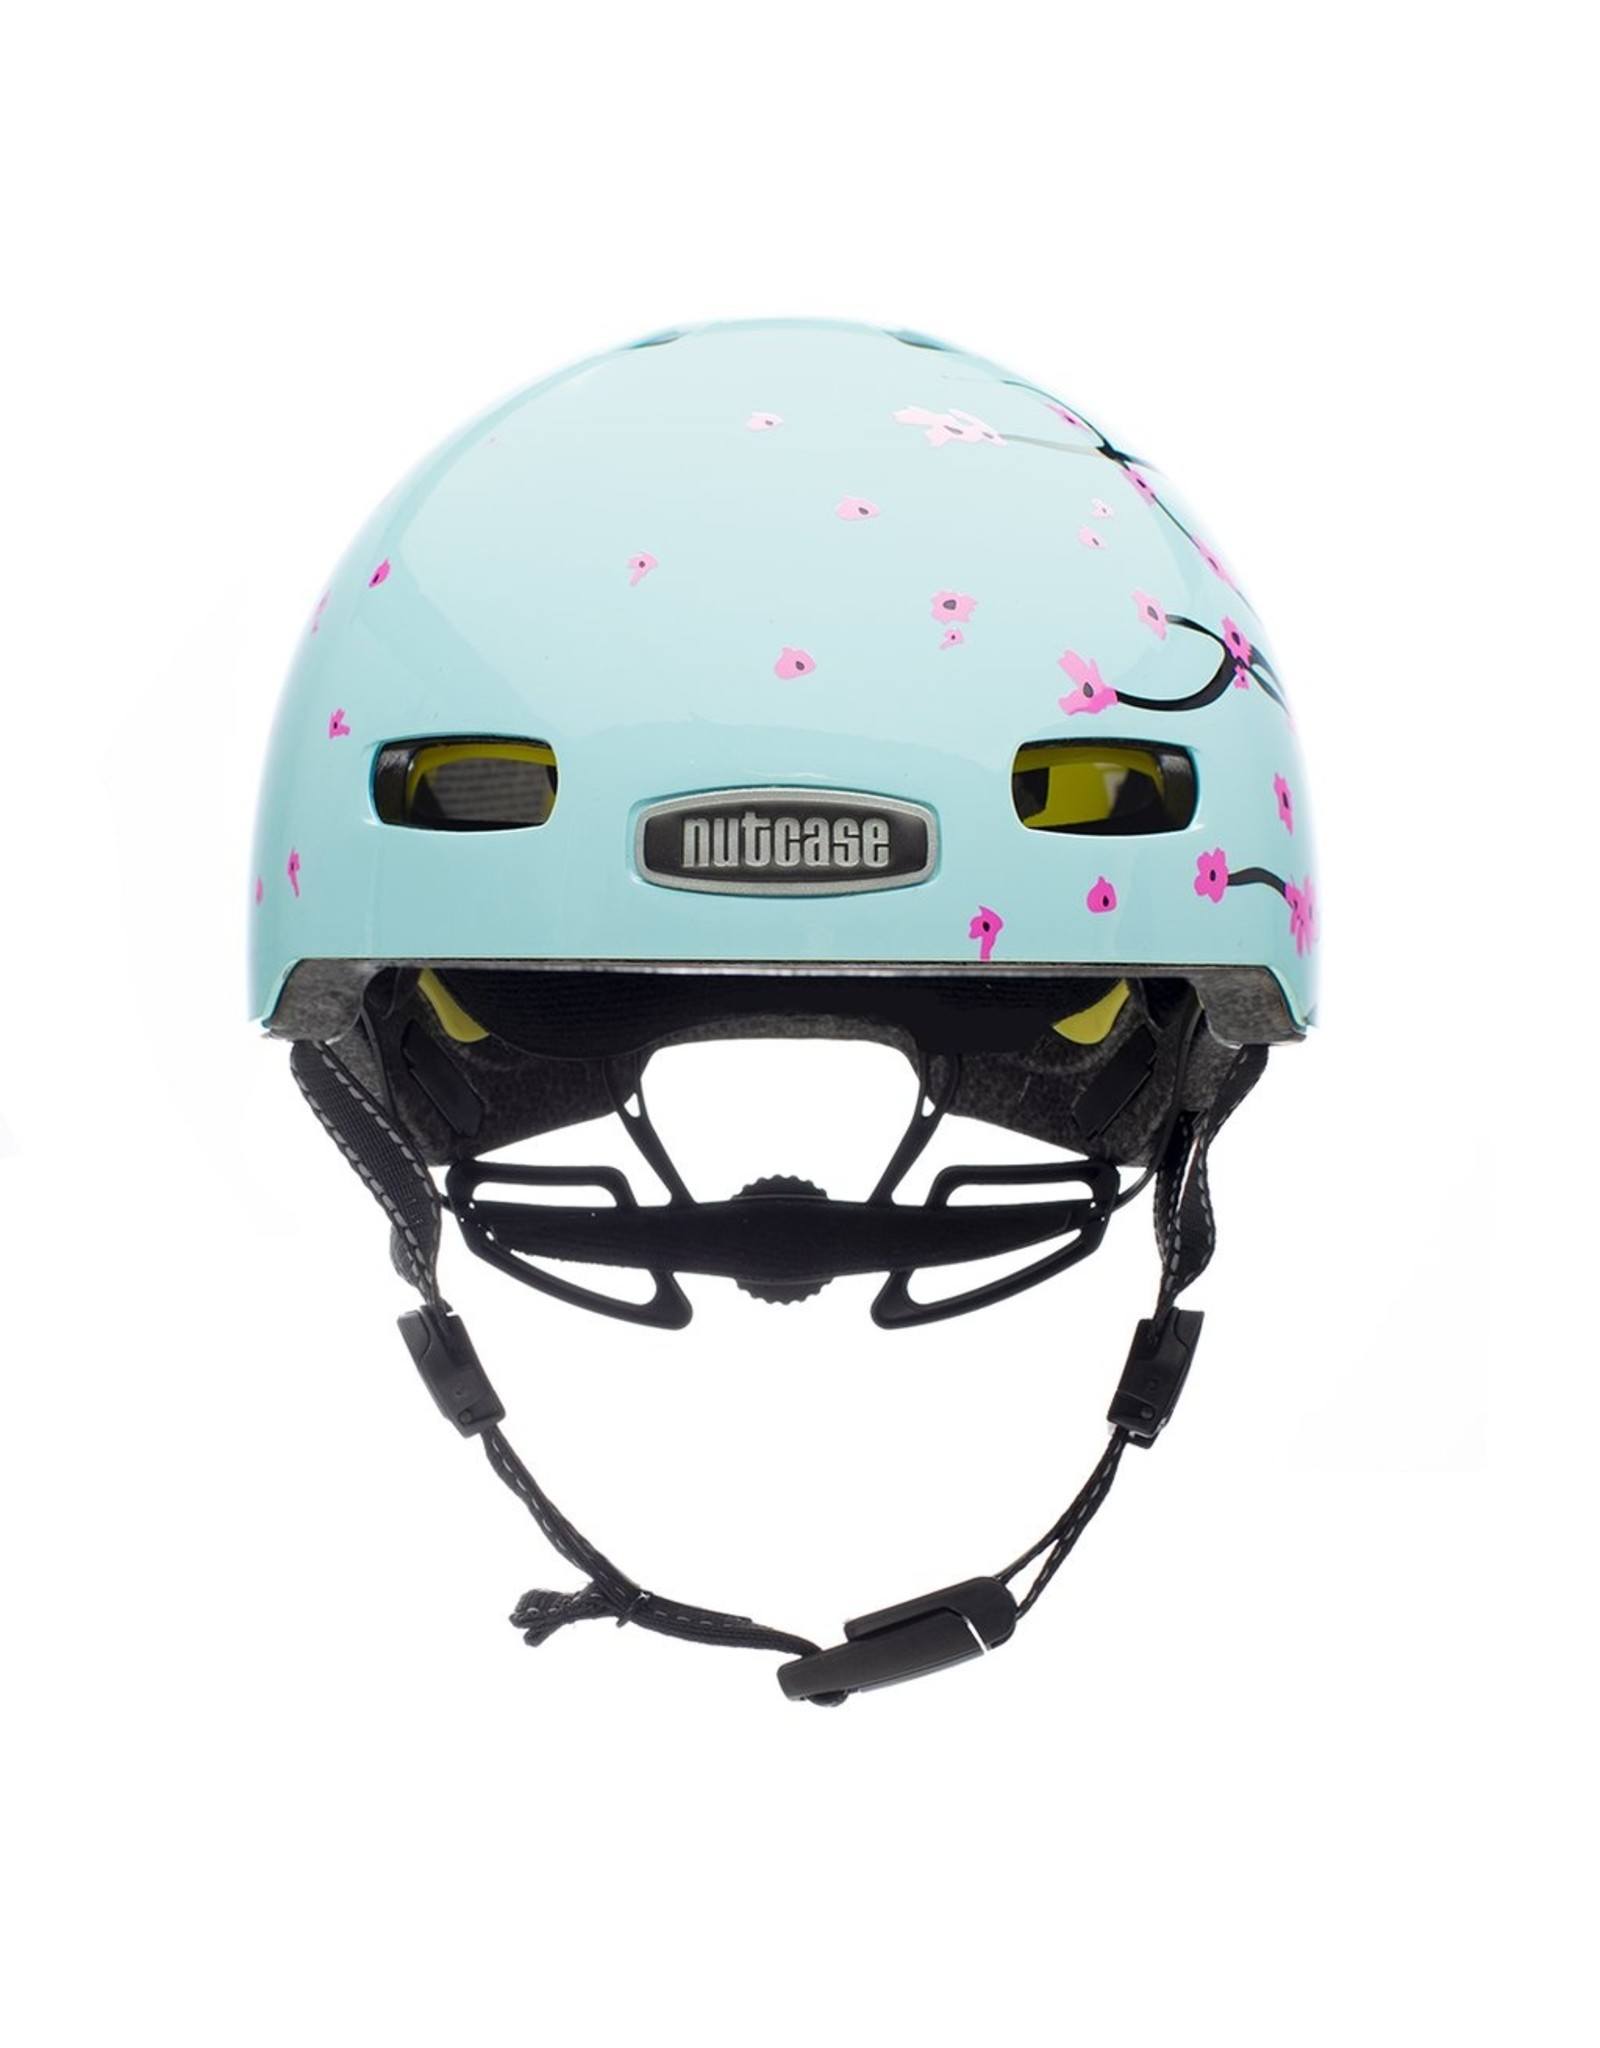 Nutcase Street Octoblossom Gloss Mips Helmet L